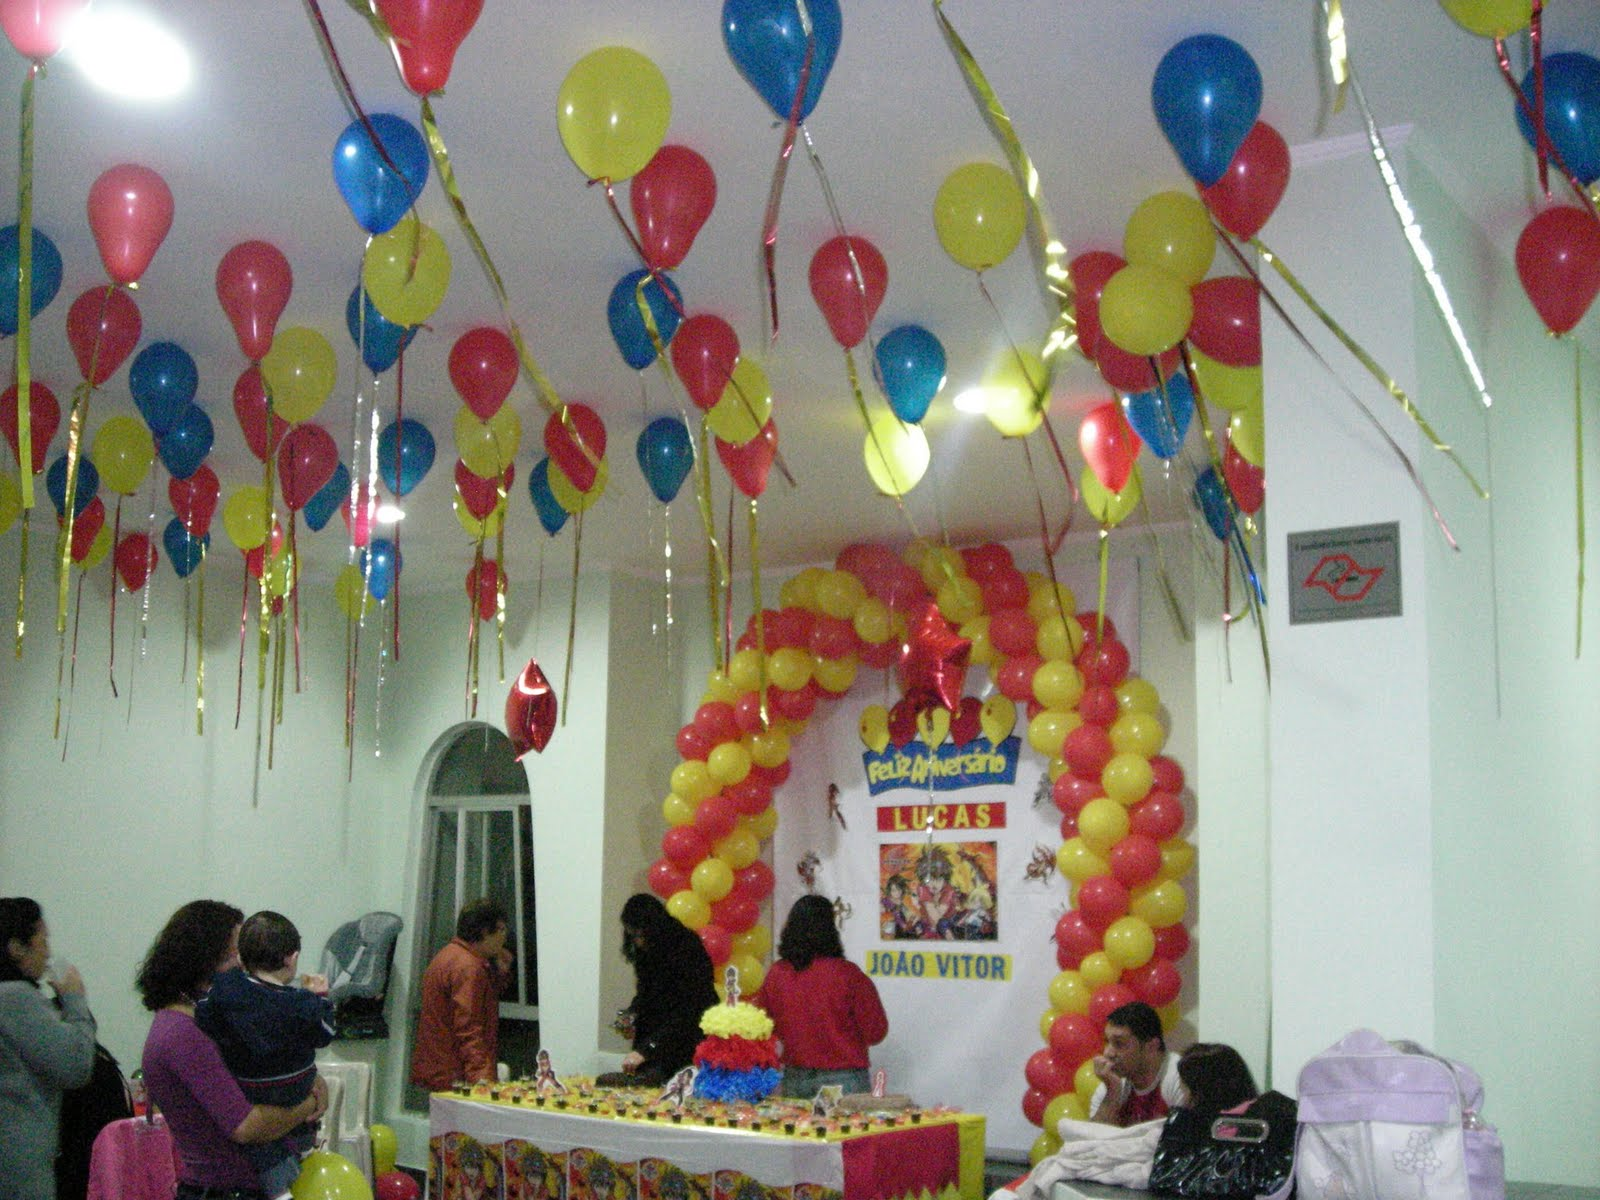 Tuti Balões Decoração Com Balões No Teto Um Toque Especial A Festa